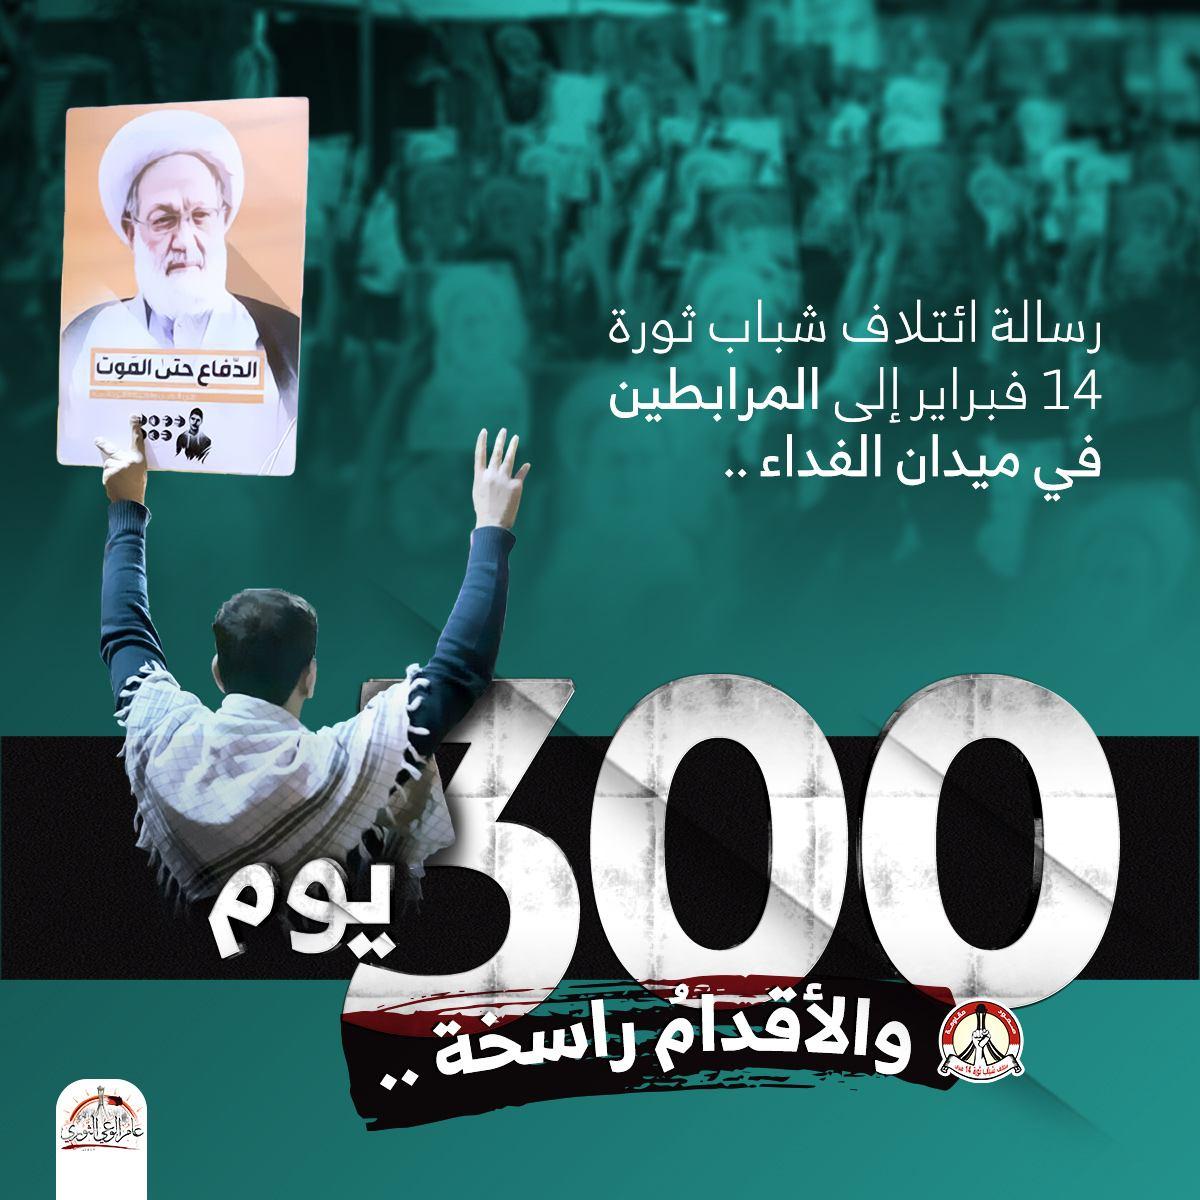 «ائتلاف 14 فبراير» يوجّه رسالة شكر وثناء إلى المرابطين في «ميدان الفداء»